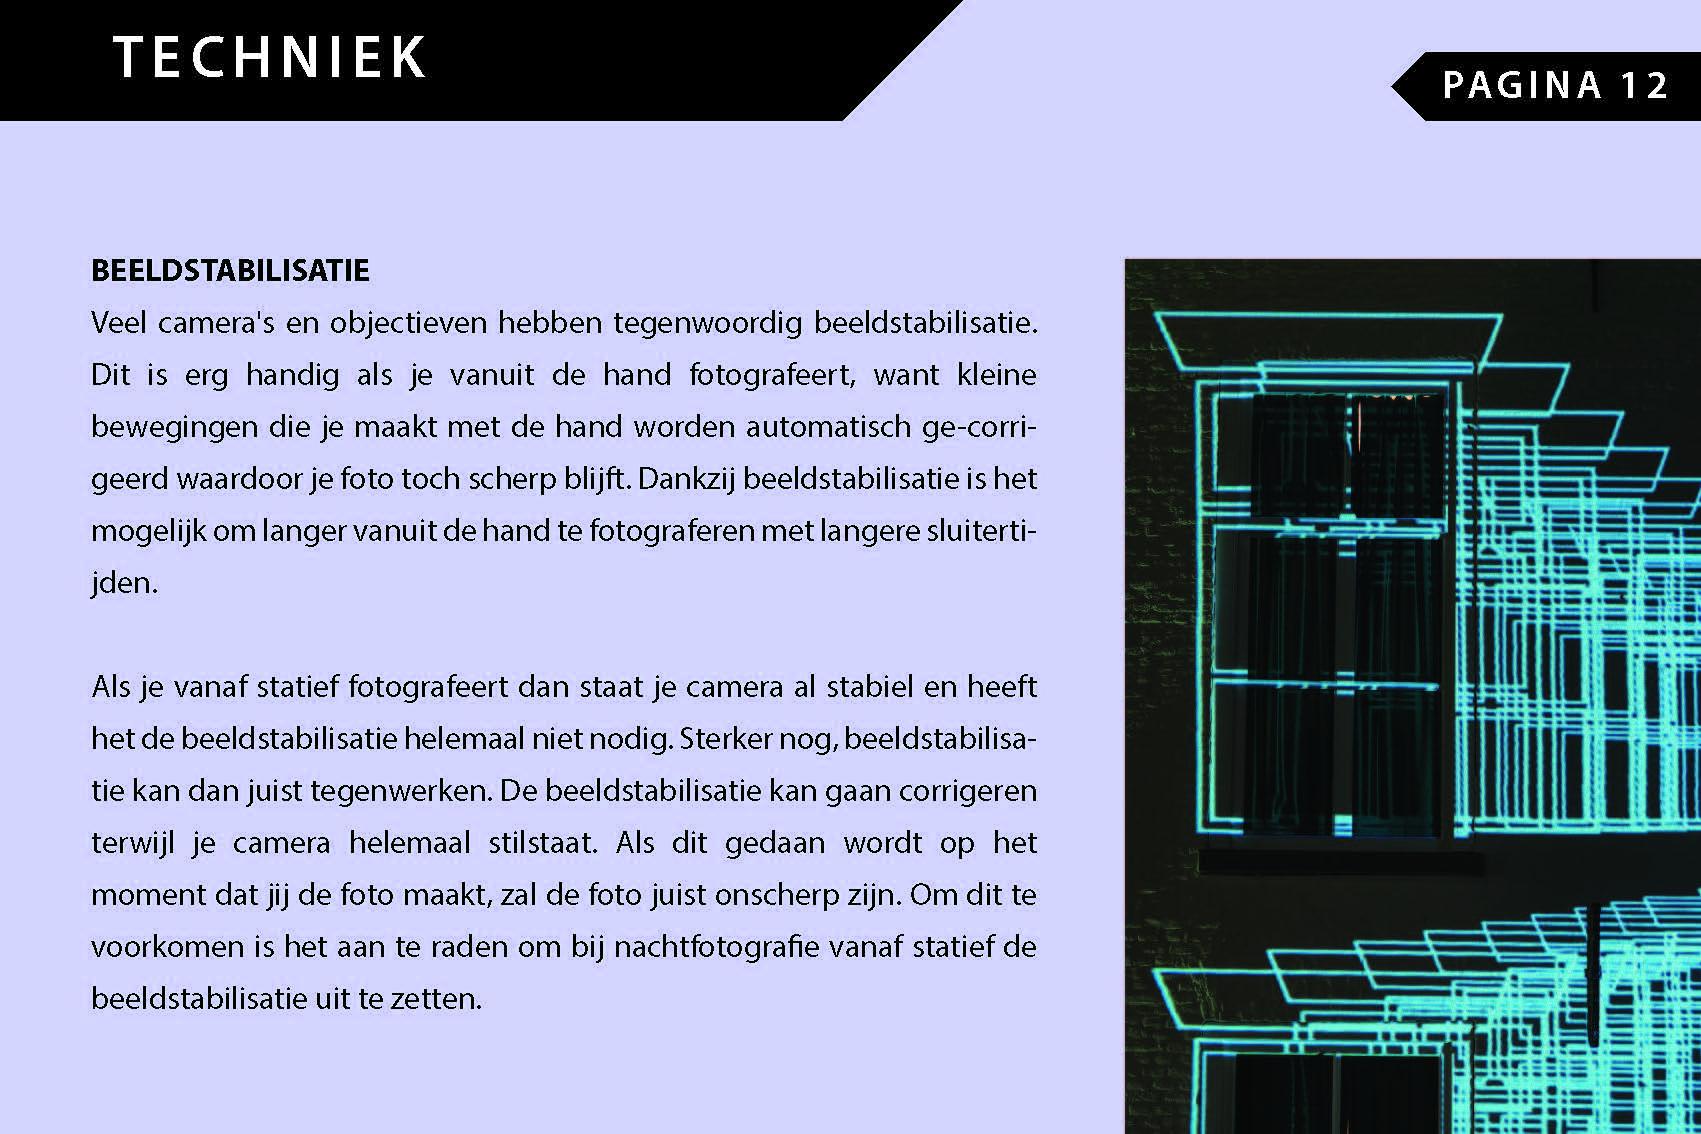 ebook Nachtfotografie Pagina 1 - geschreven door Mark de Rooij